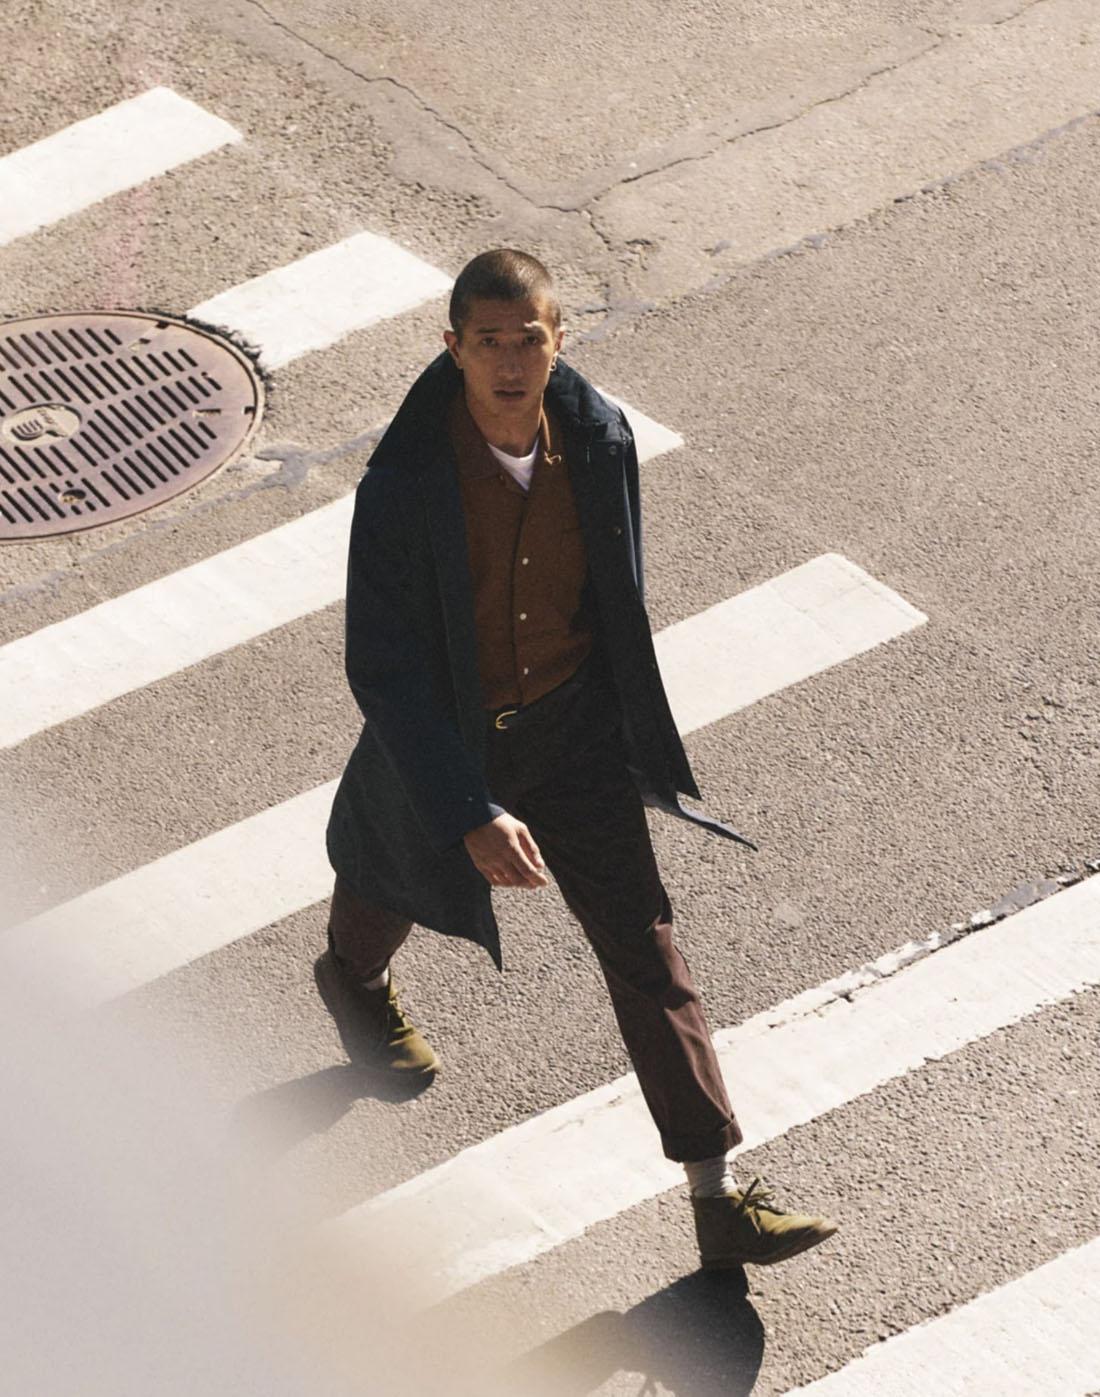 man using a crosswalk to cross a street wearing a long coat